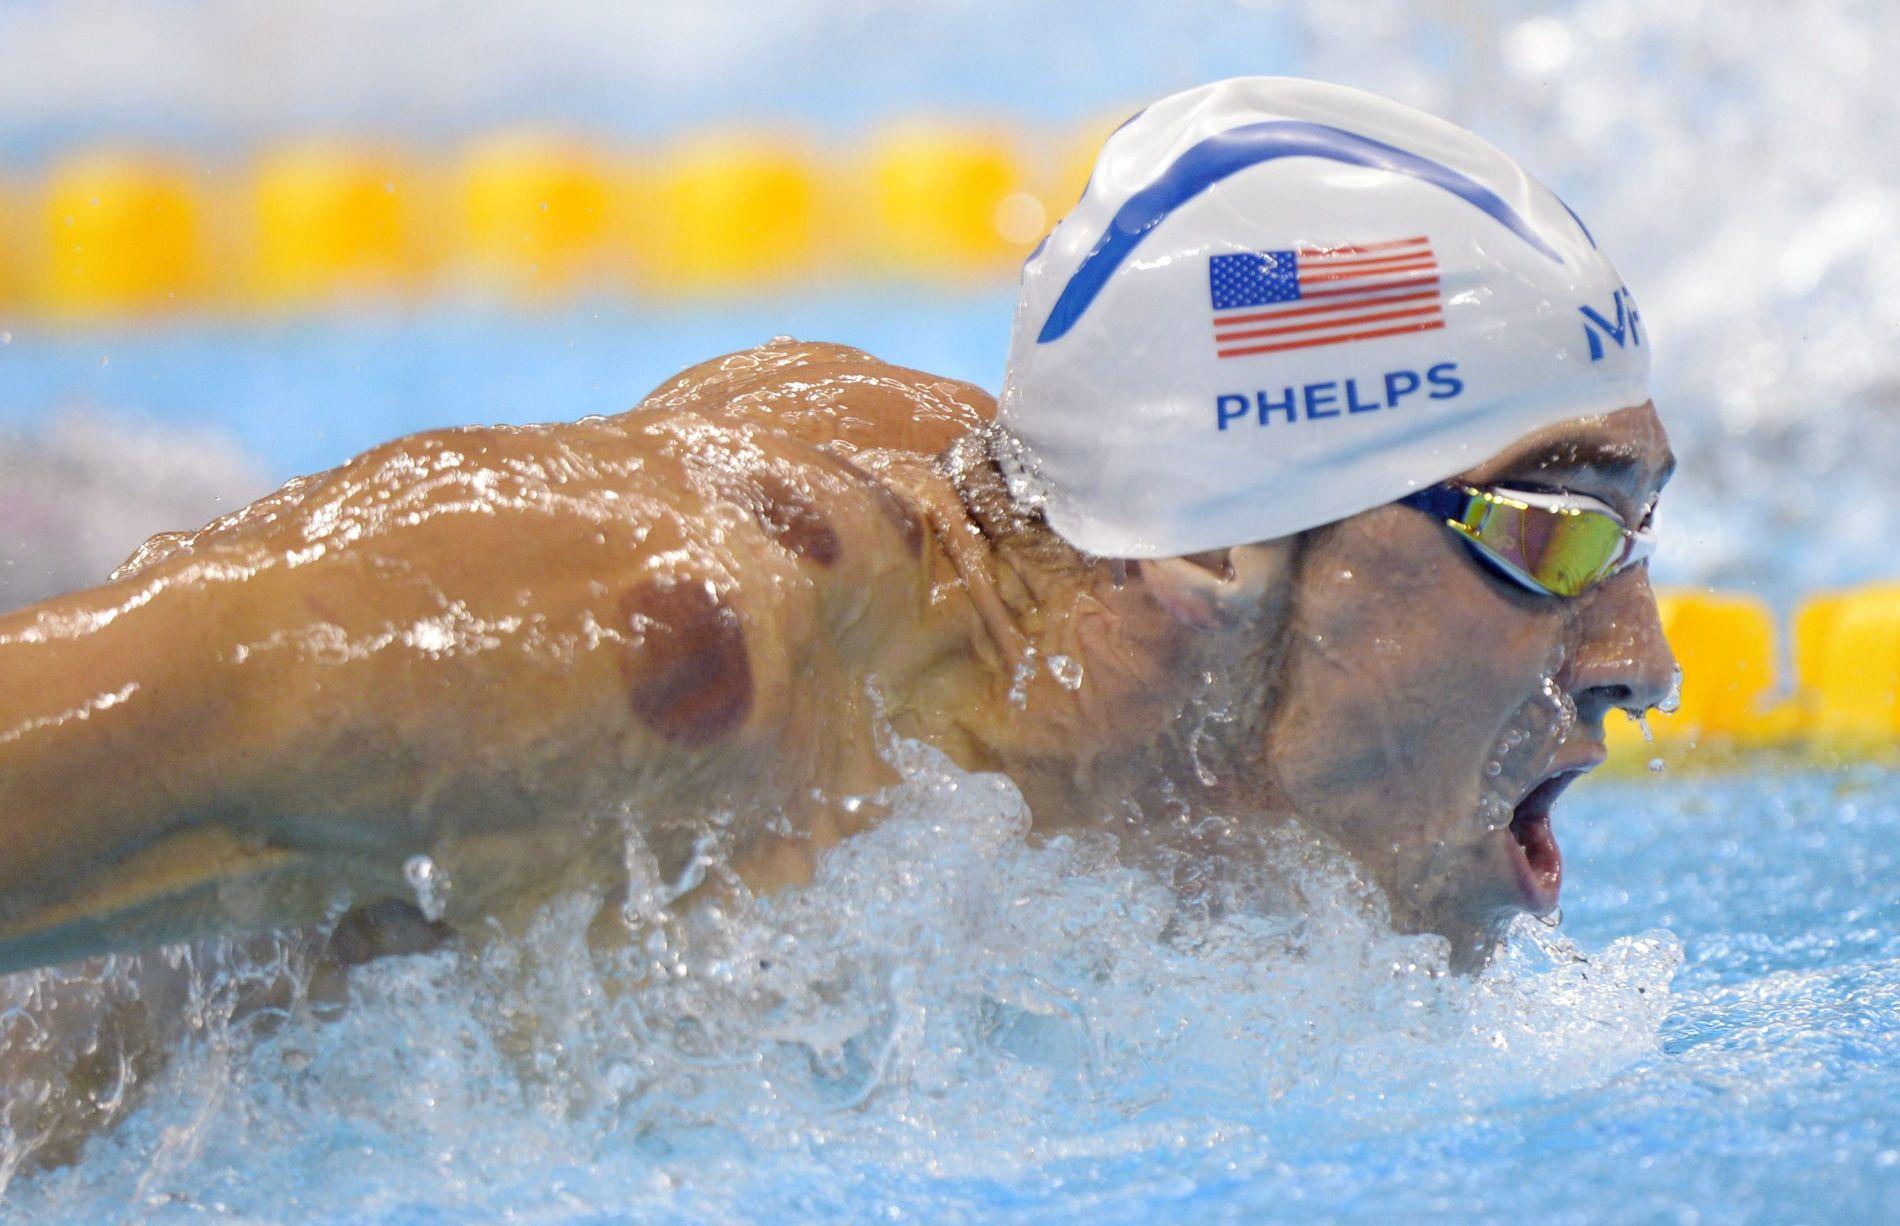 MERKET AV SLAGSMÅL? Blåmerkene på Michael Phelps sin rygg vakte oppsikt da han vant sin 23. OL-medalje på 4 x 100 meter natt til mandag. Bildet er fra 200 meter butterfly dagen etter.